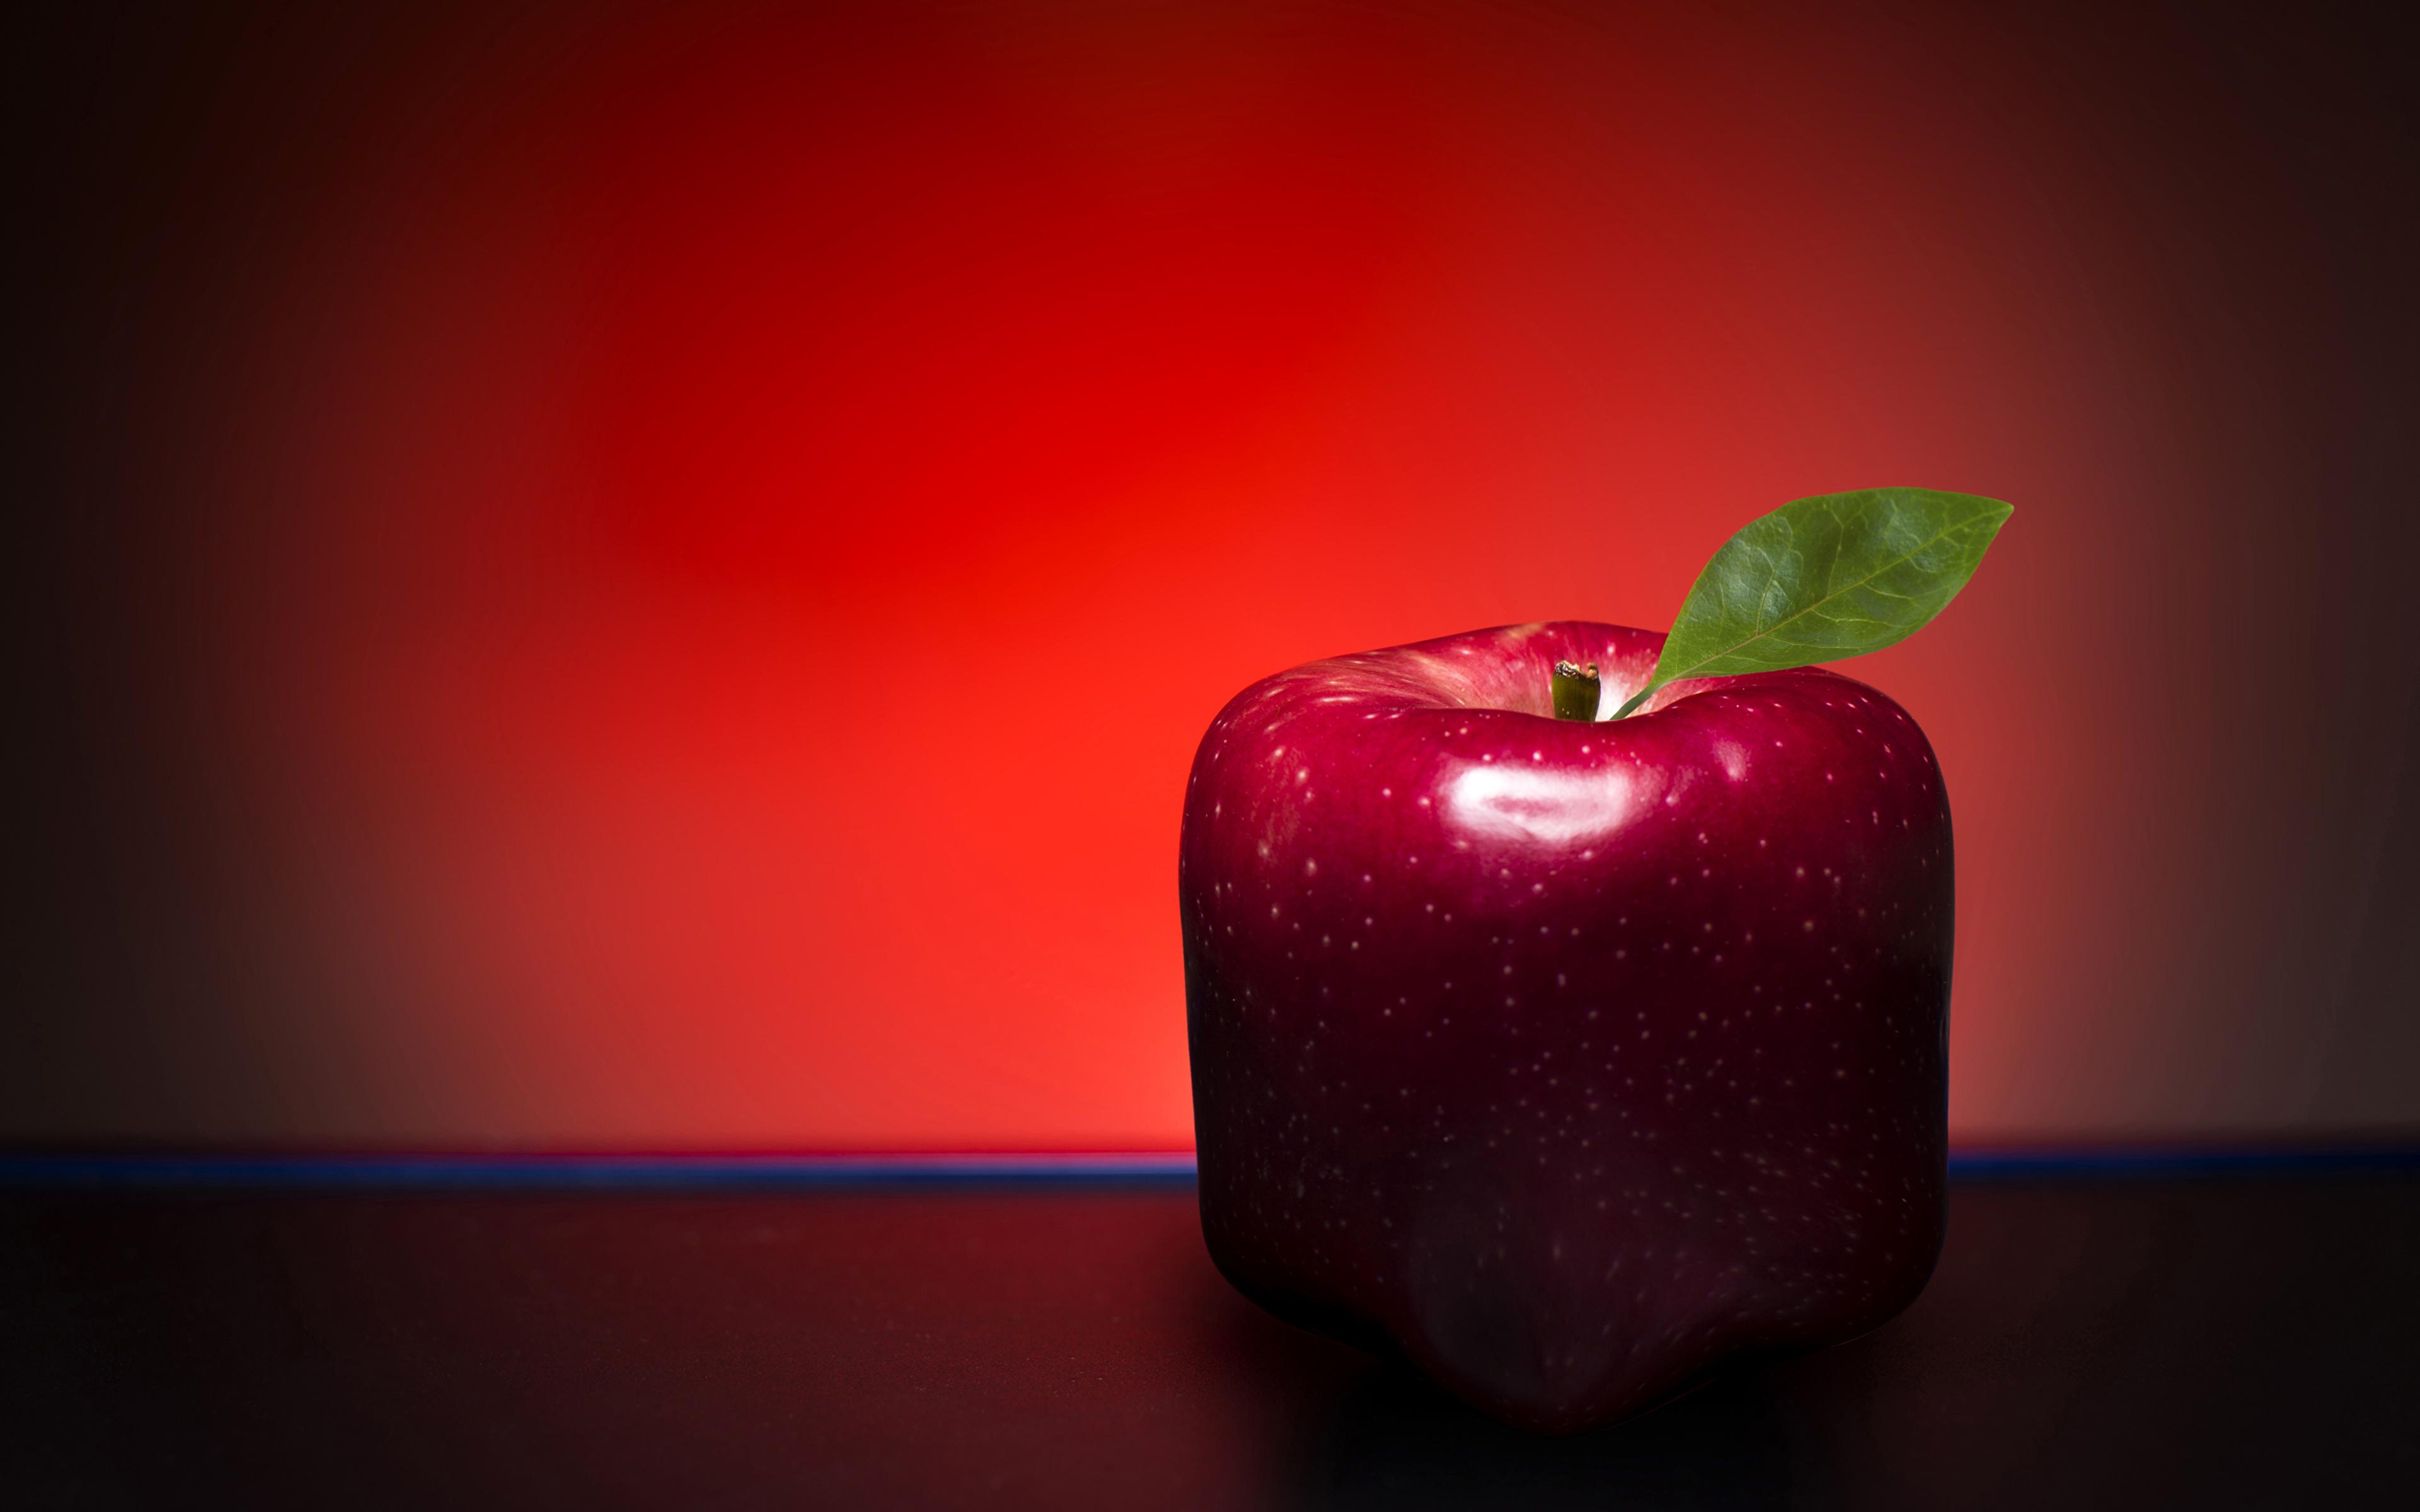 Обои для рабочего стола красная Яблоки оригинальные Пища Крупным планом 3840x2400 красных красные Красный Креатив креативные Еда Продукты питания вблизи